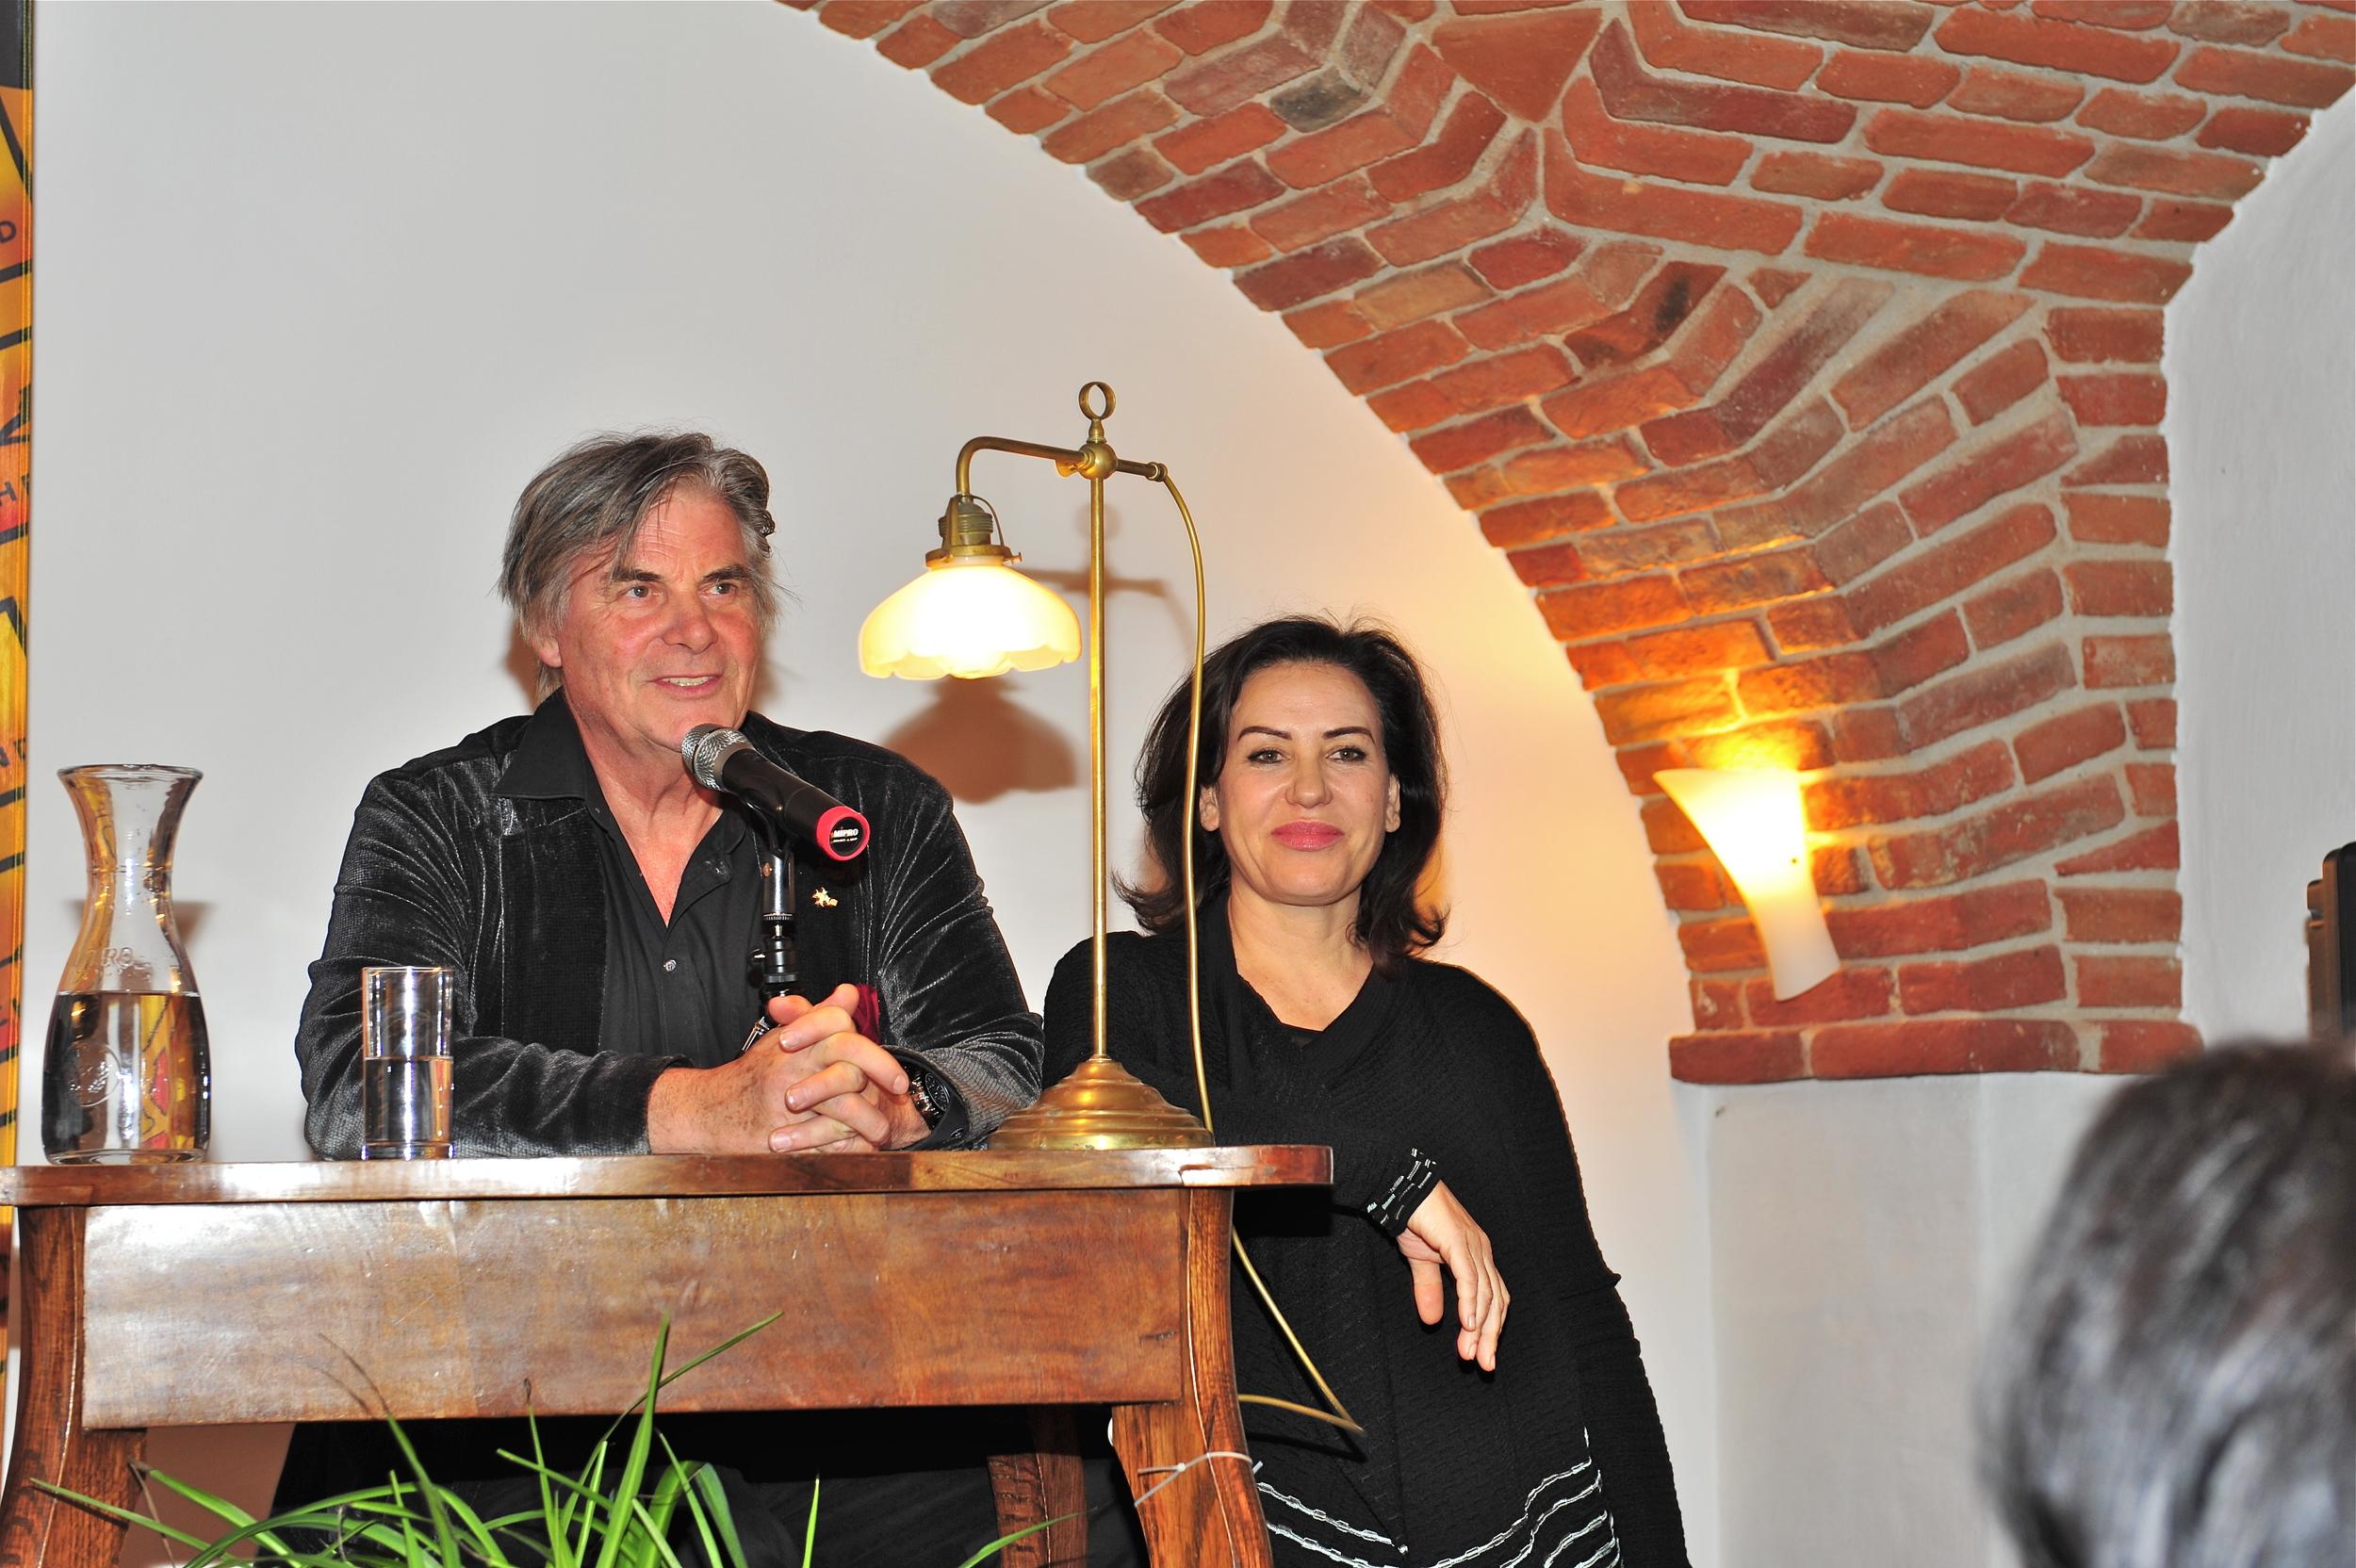 Buchpräsentation, Brigitte Karner, Peter Simonischek - Wortschatz 2010 Literaturwettbewerb